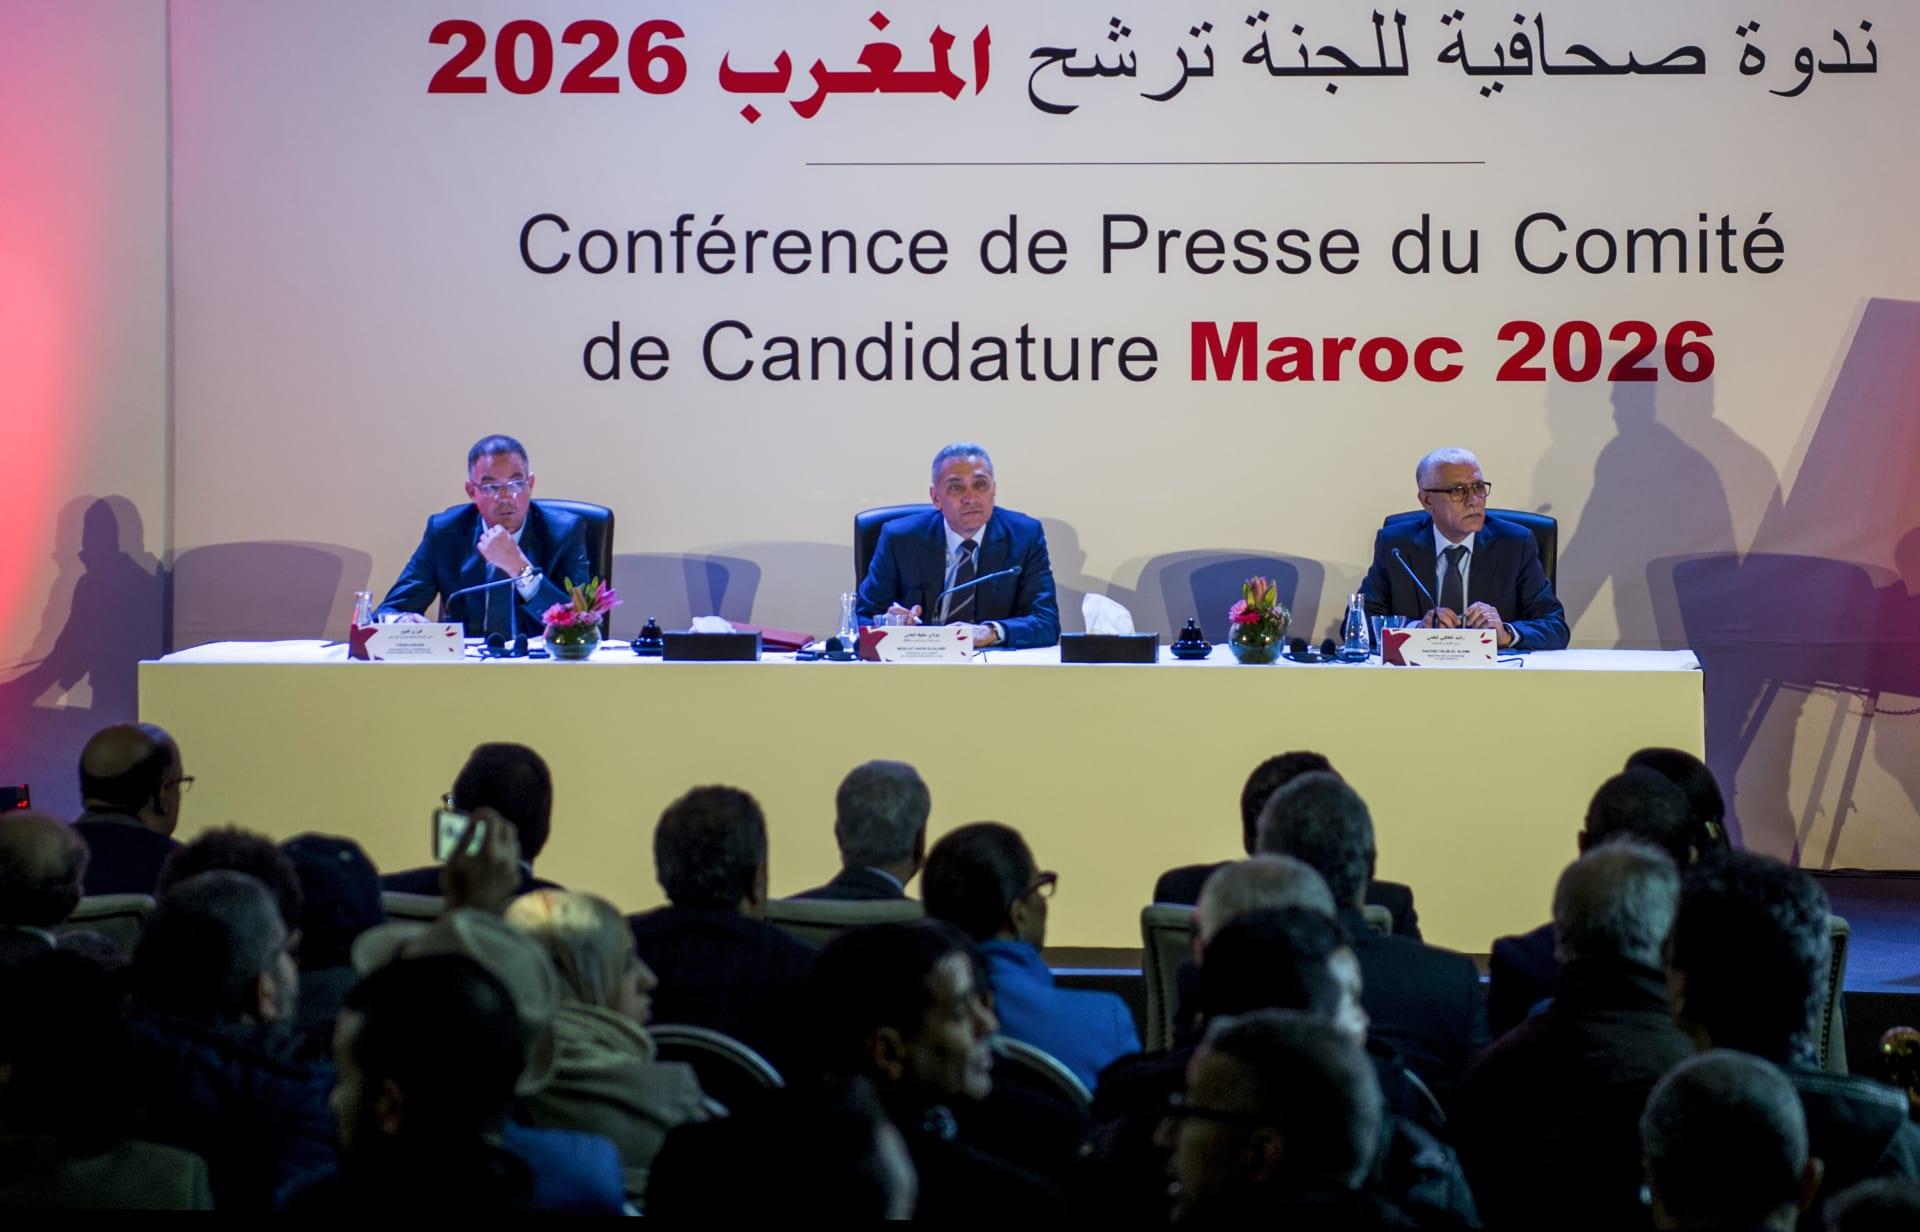 تركي آل الشيخ: سنبحث عن مصلحة السعودية قبل دعم أحد ملفات مونديال 2026